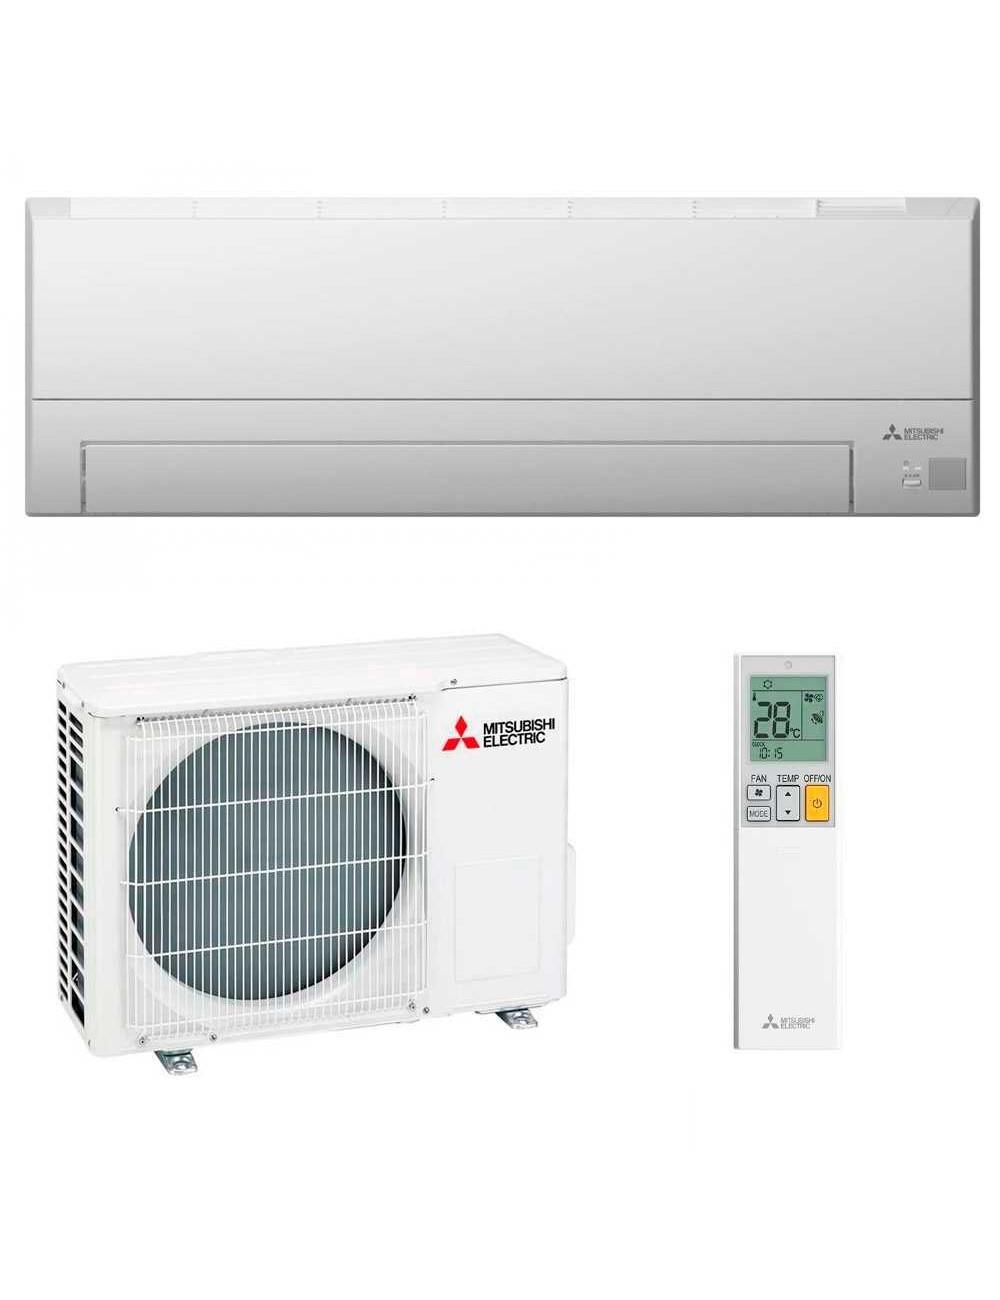 Aer conditionat Mitsubishi Electric inverter monosplit 18000 BTU Alb